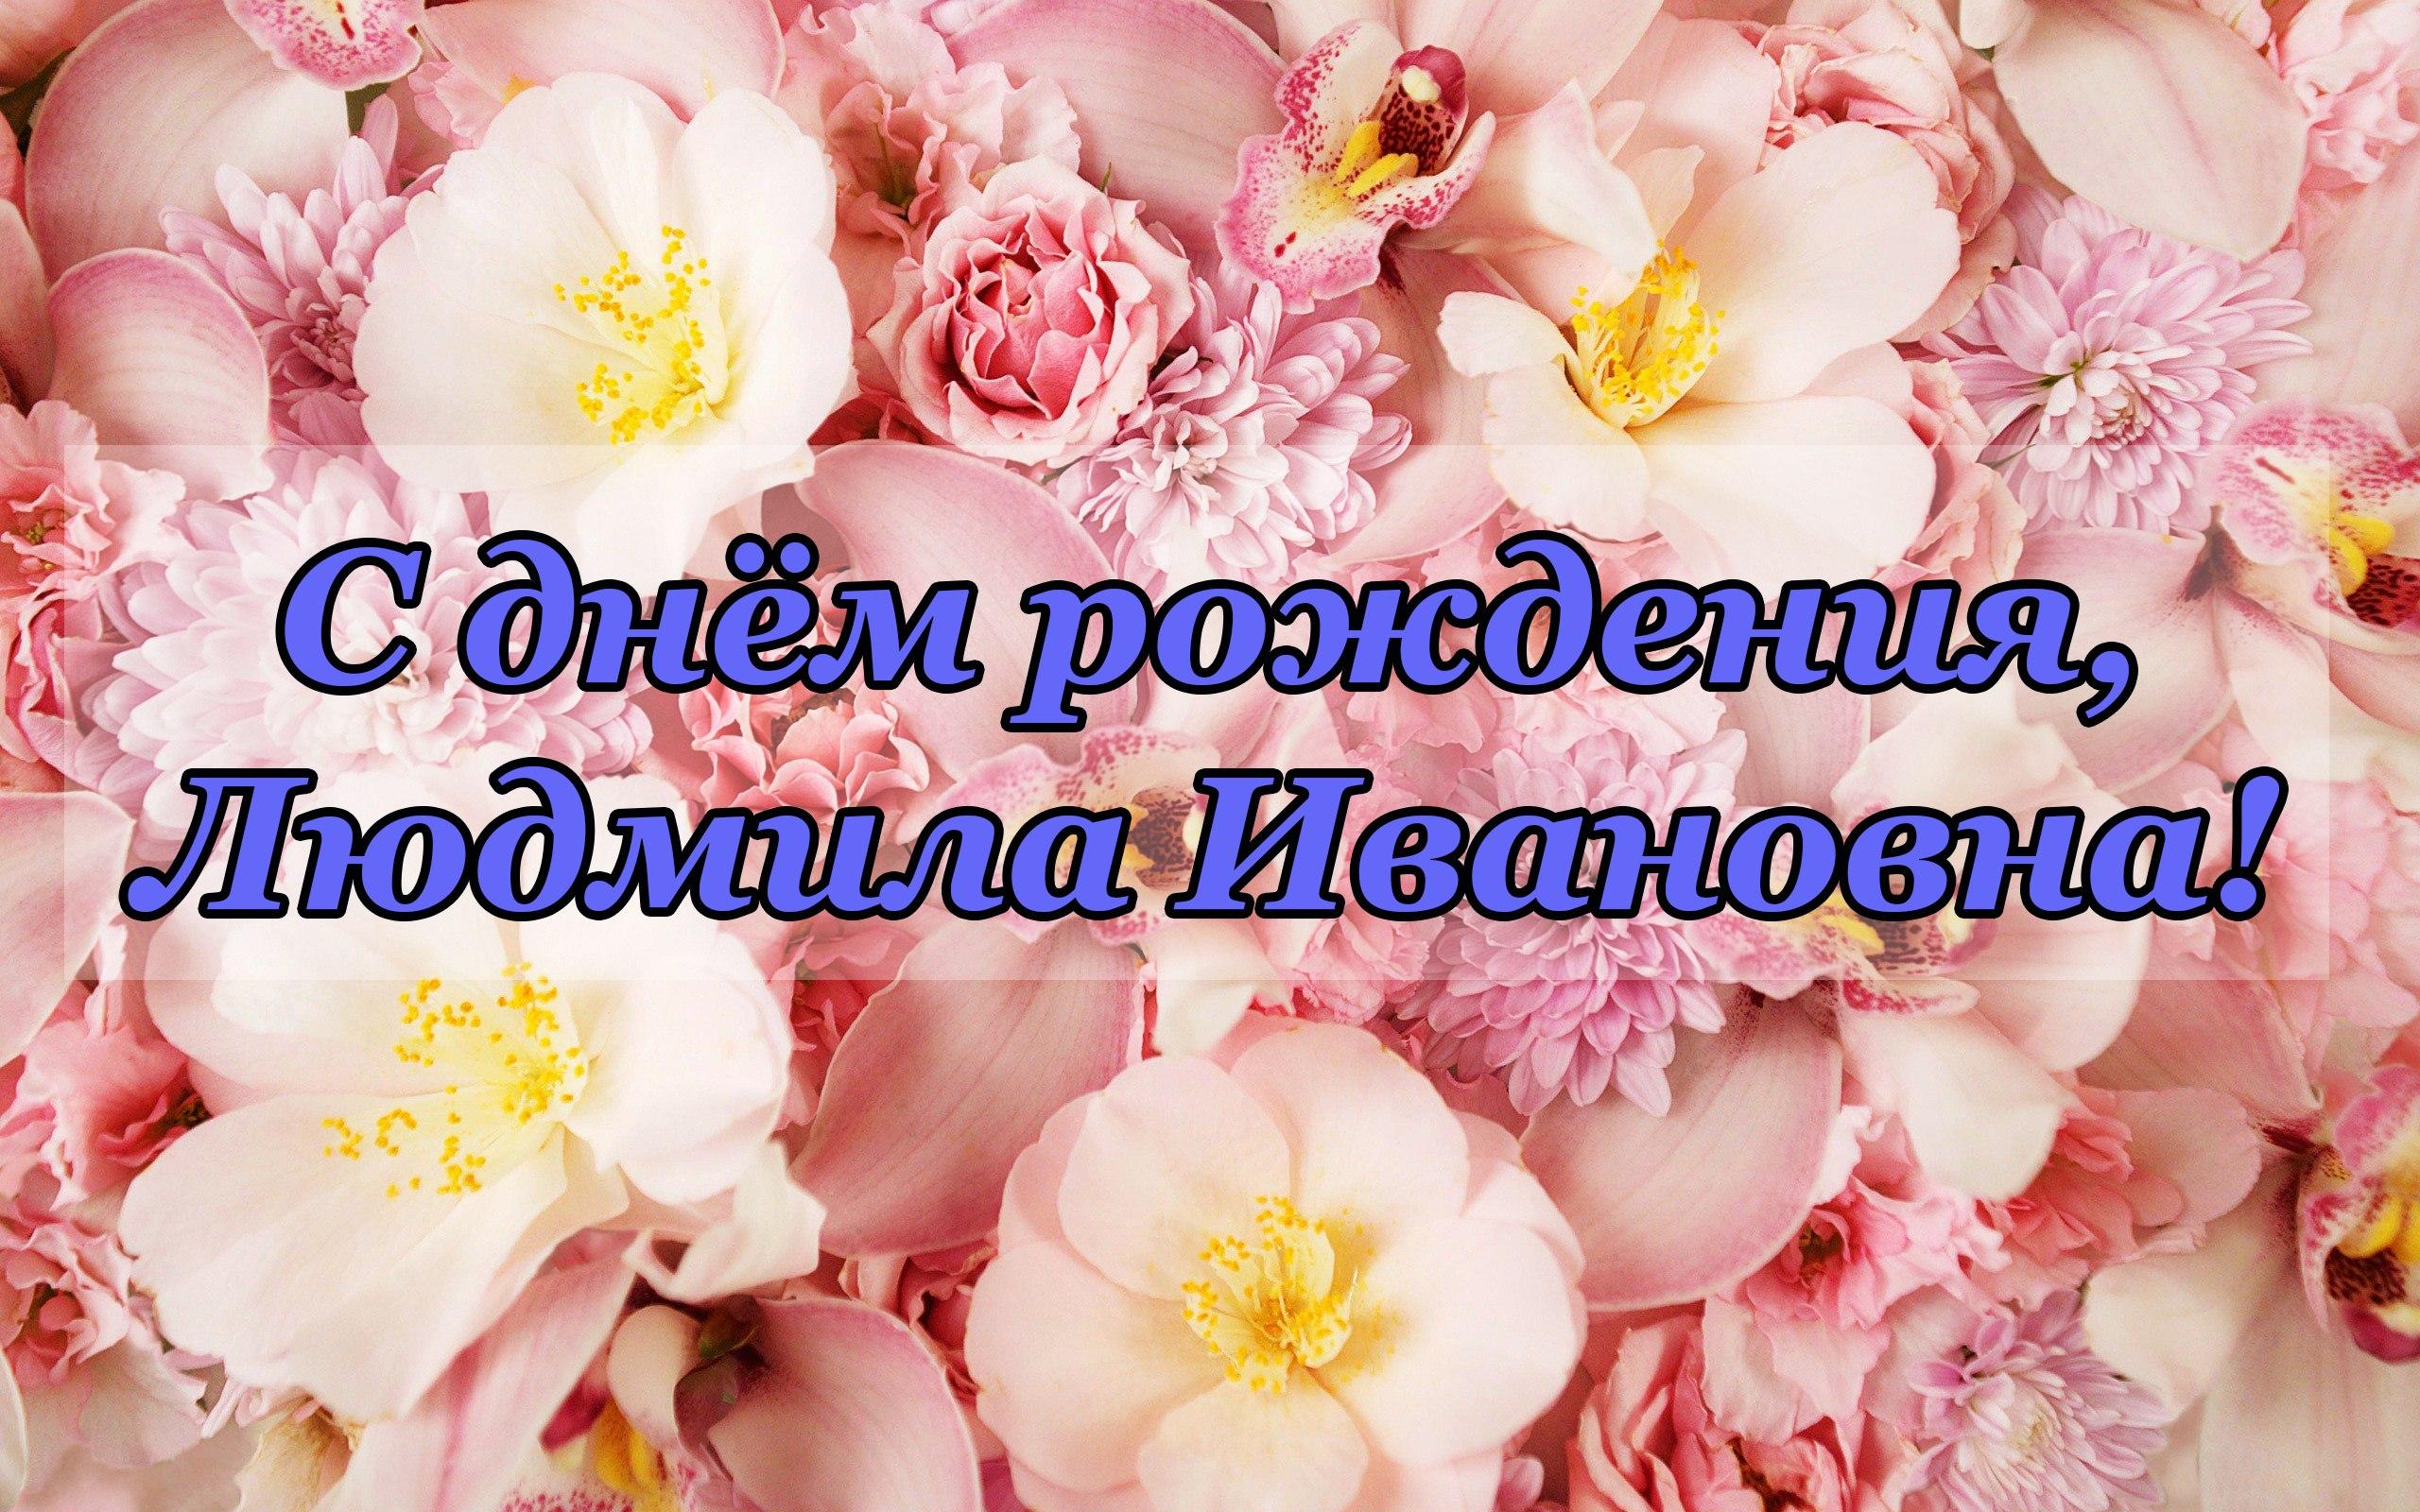 Днем, картинки с днем рождения людмила михайловна